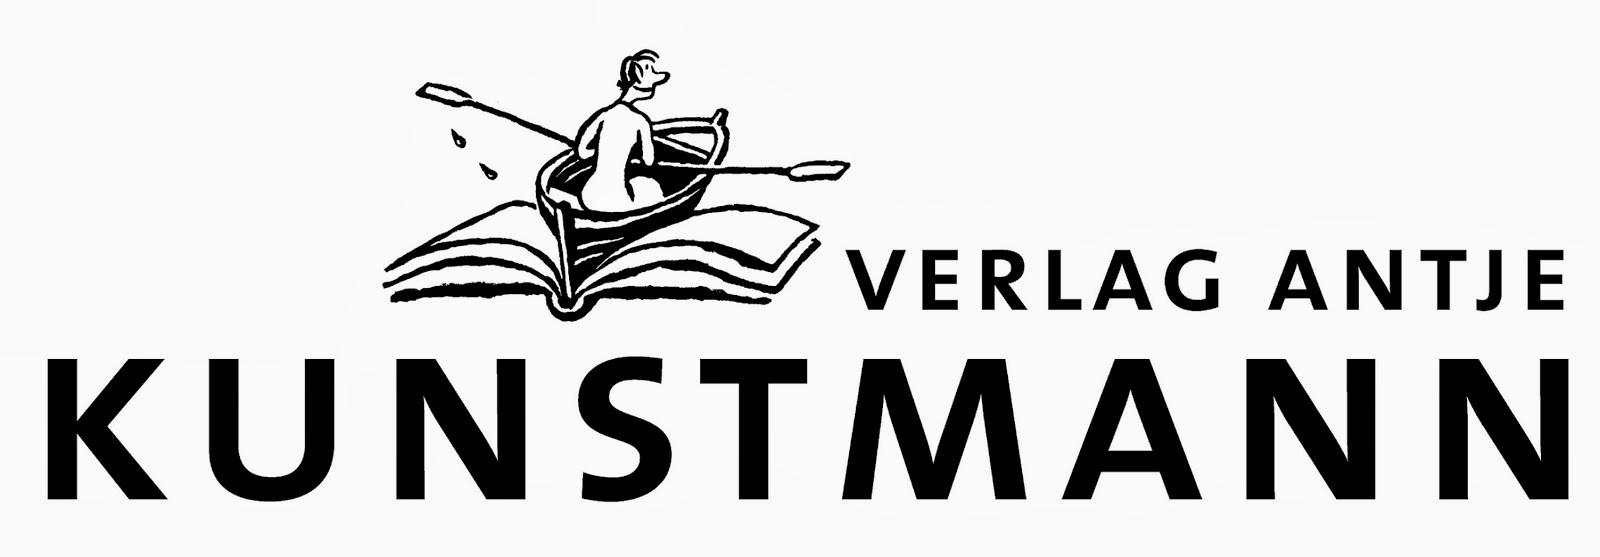 http://www.kunstmann.de/